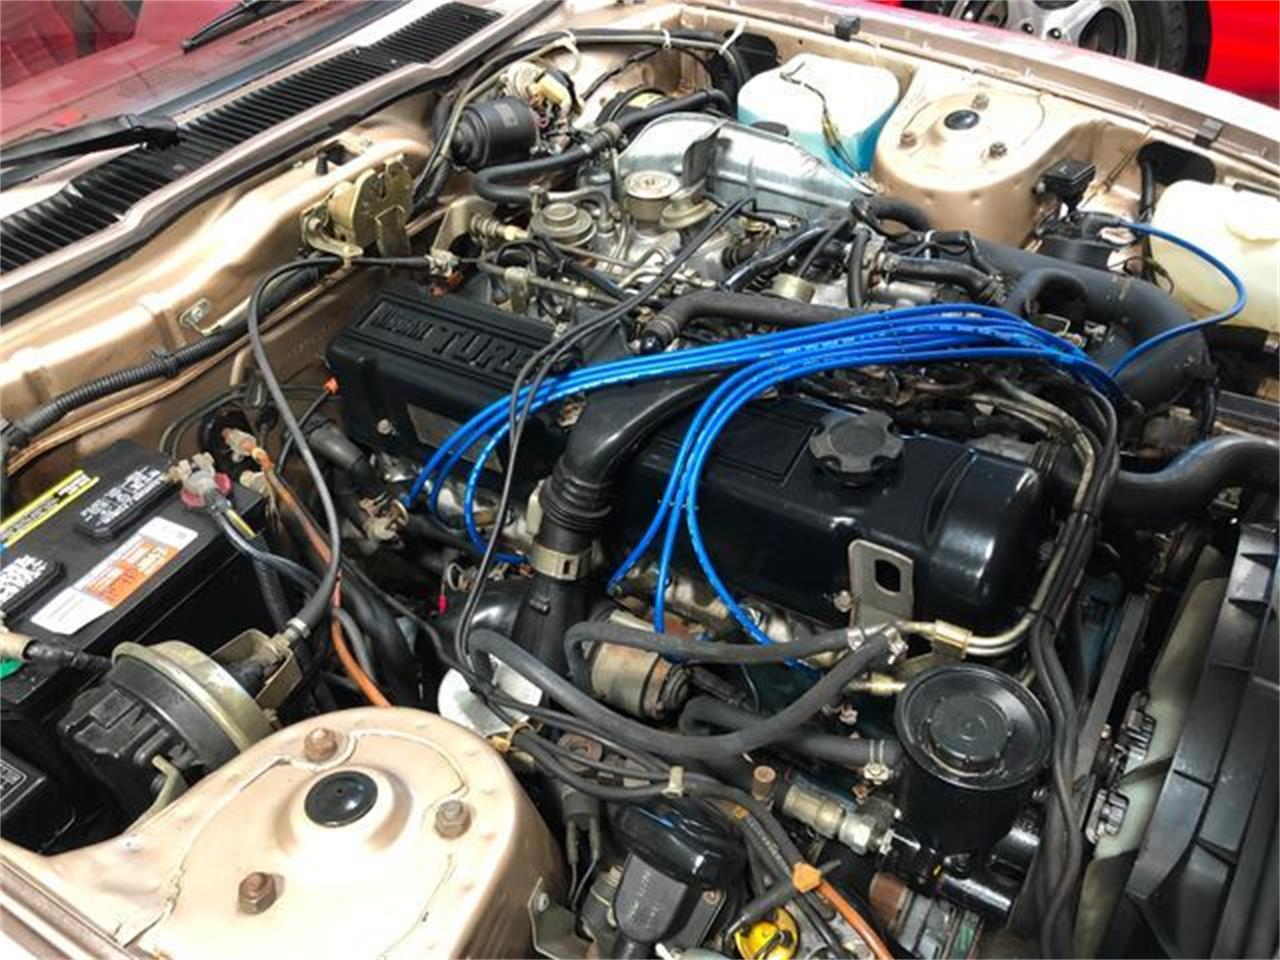 1983 datsun 280zx motor